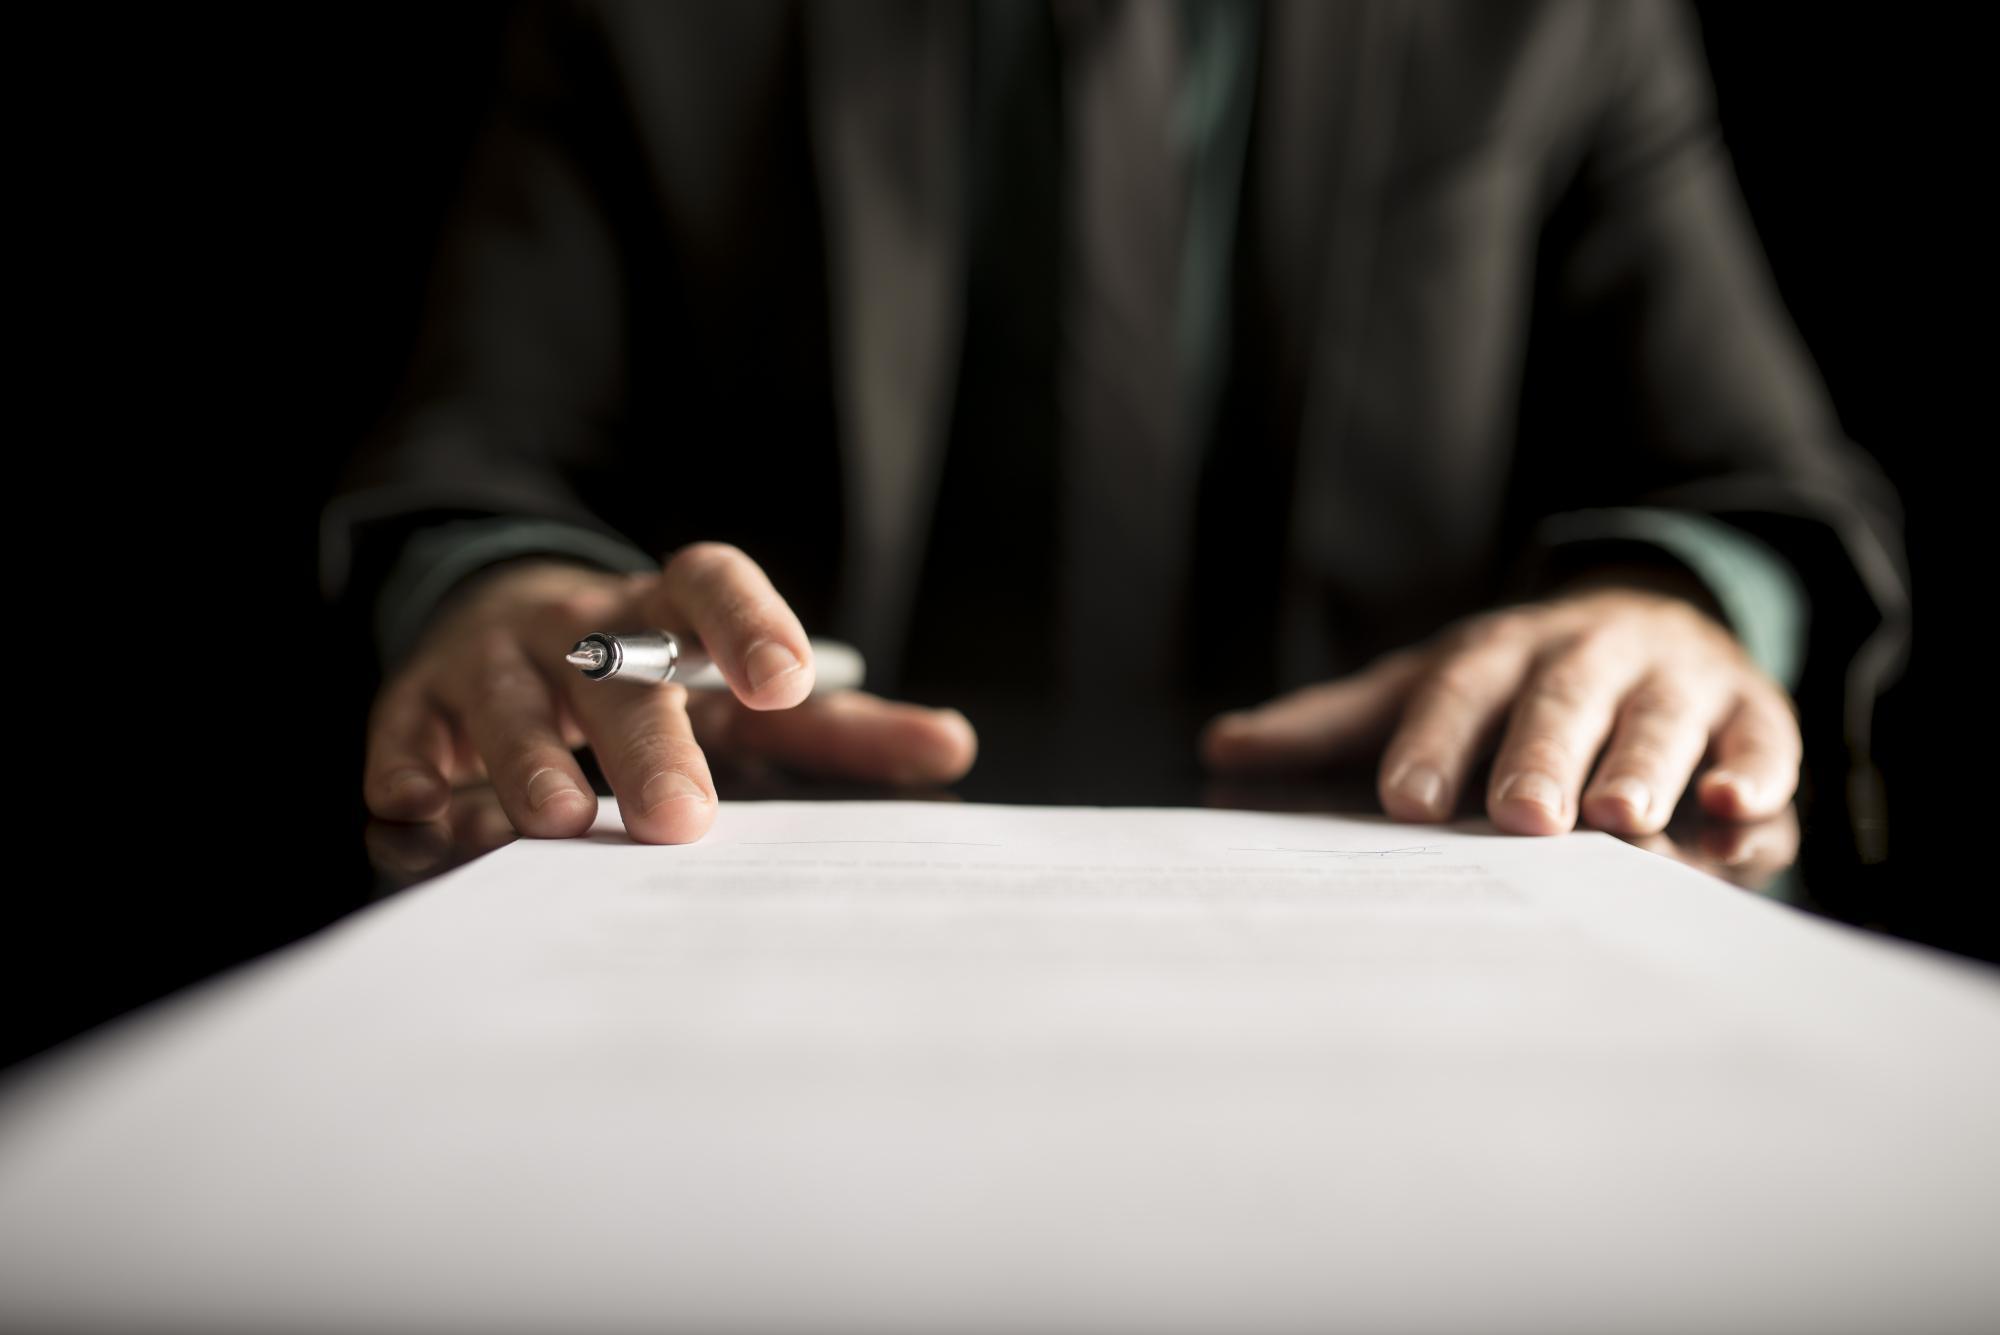 Письмо с уточнением основания платежа помогло отстоять вычет НДС по предоплате